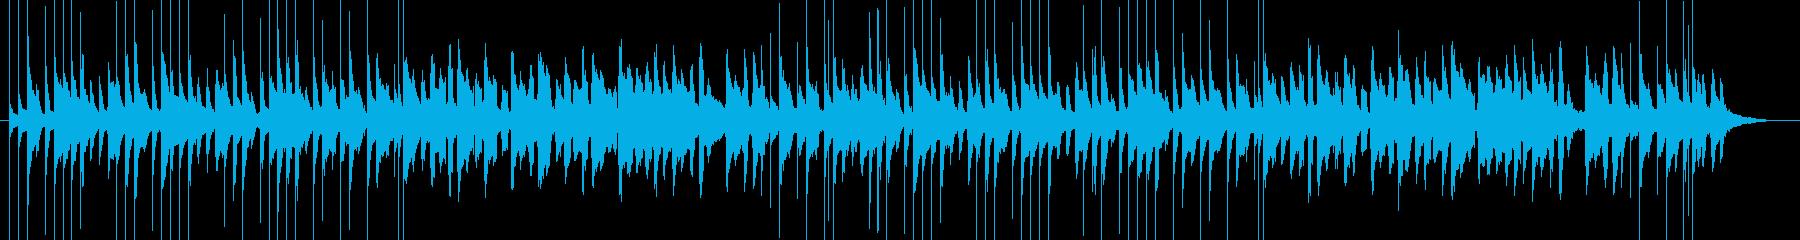 軽快な鉄琴と笛 会話、料理動画などにの再生済みの波形